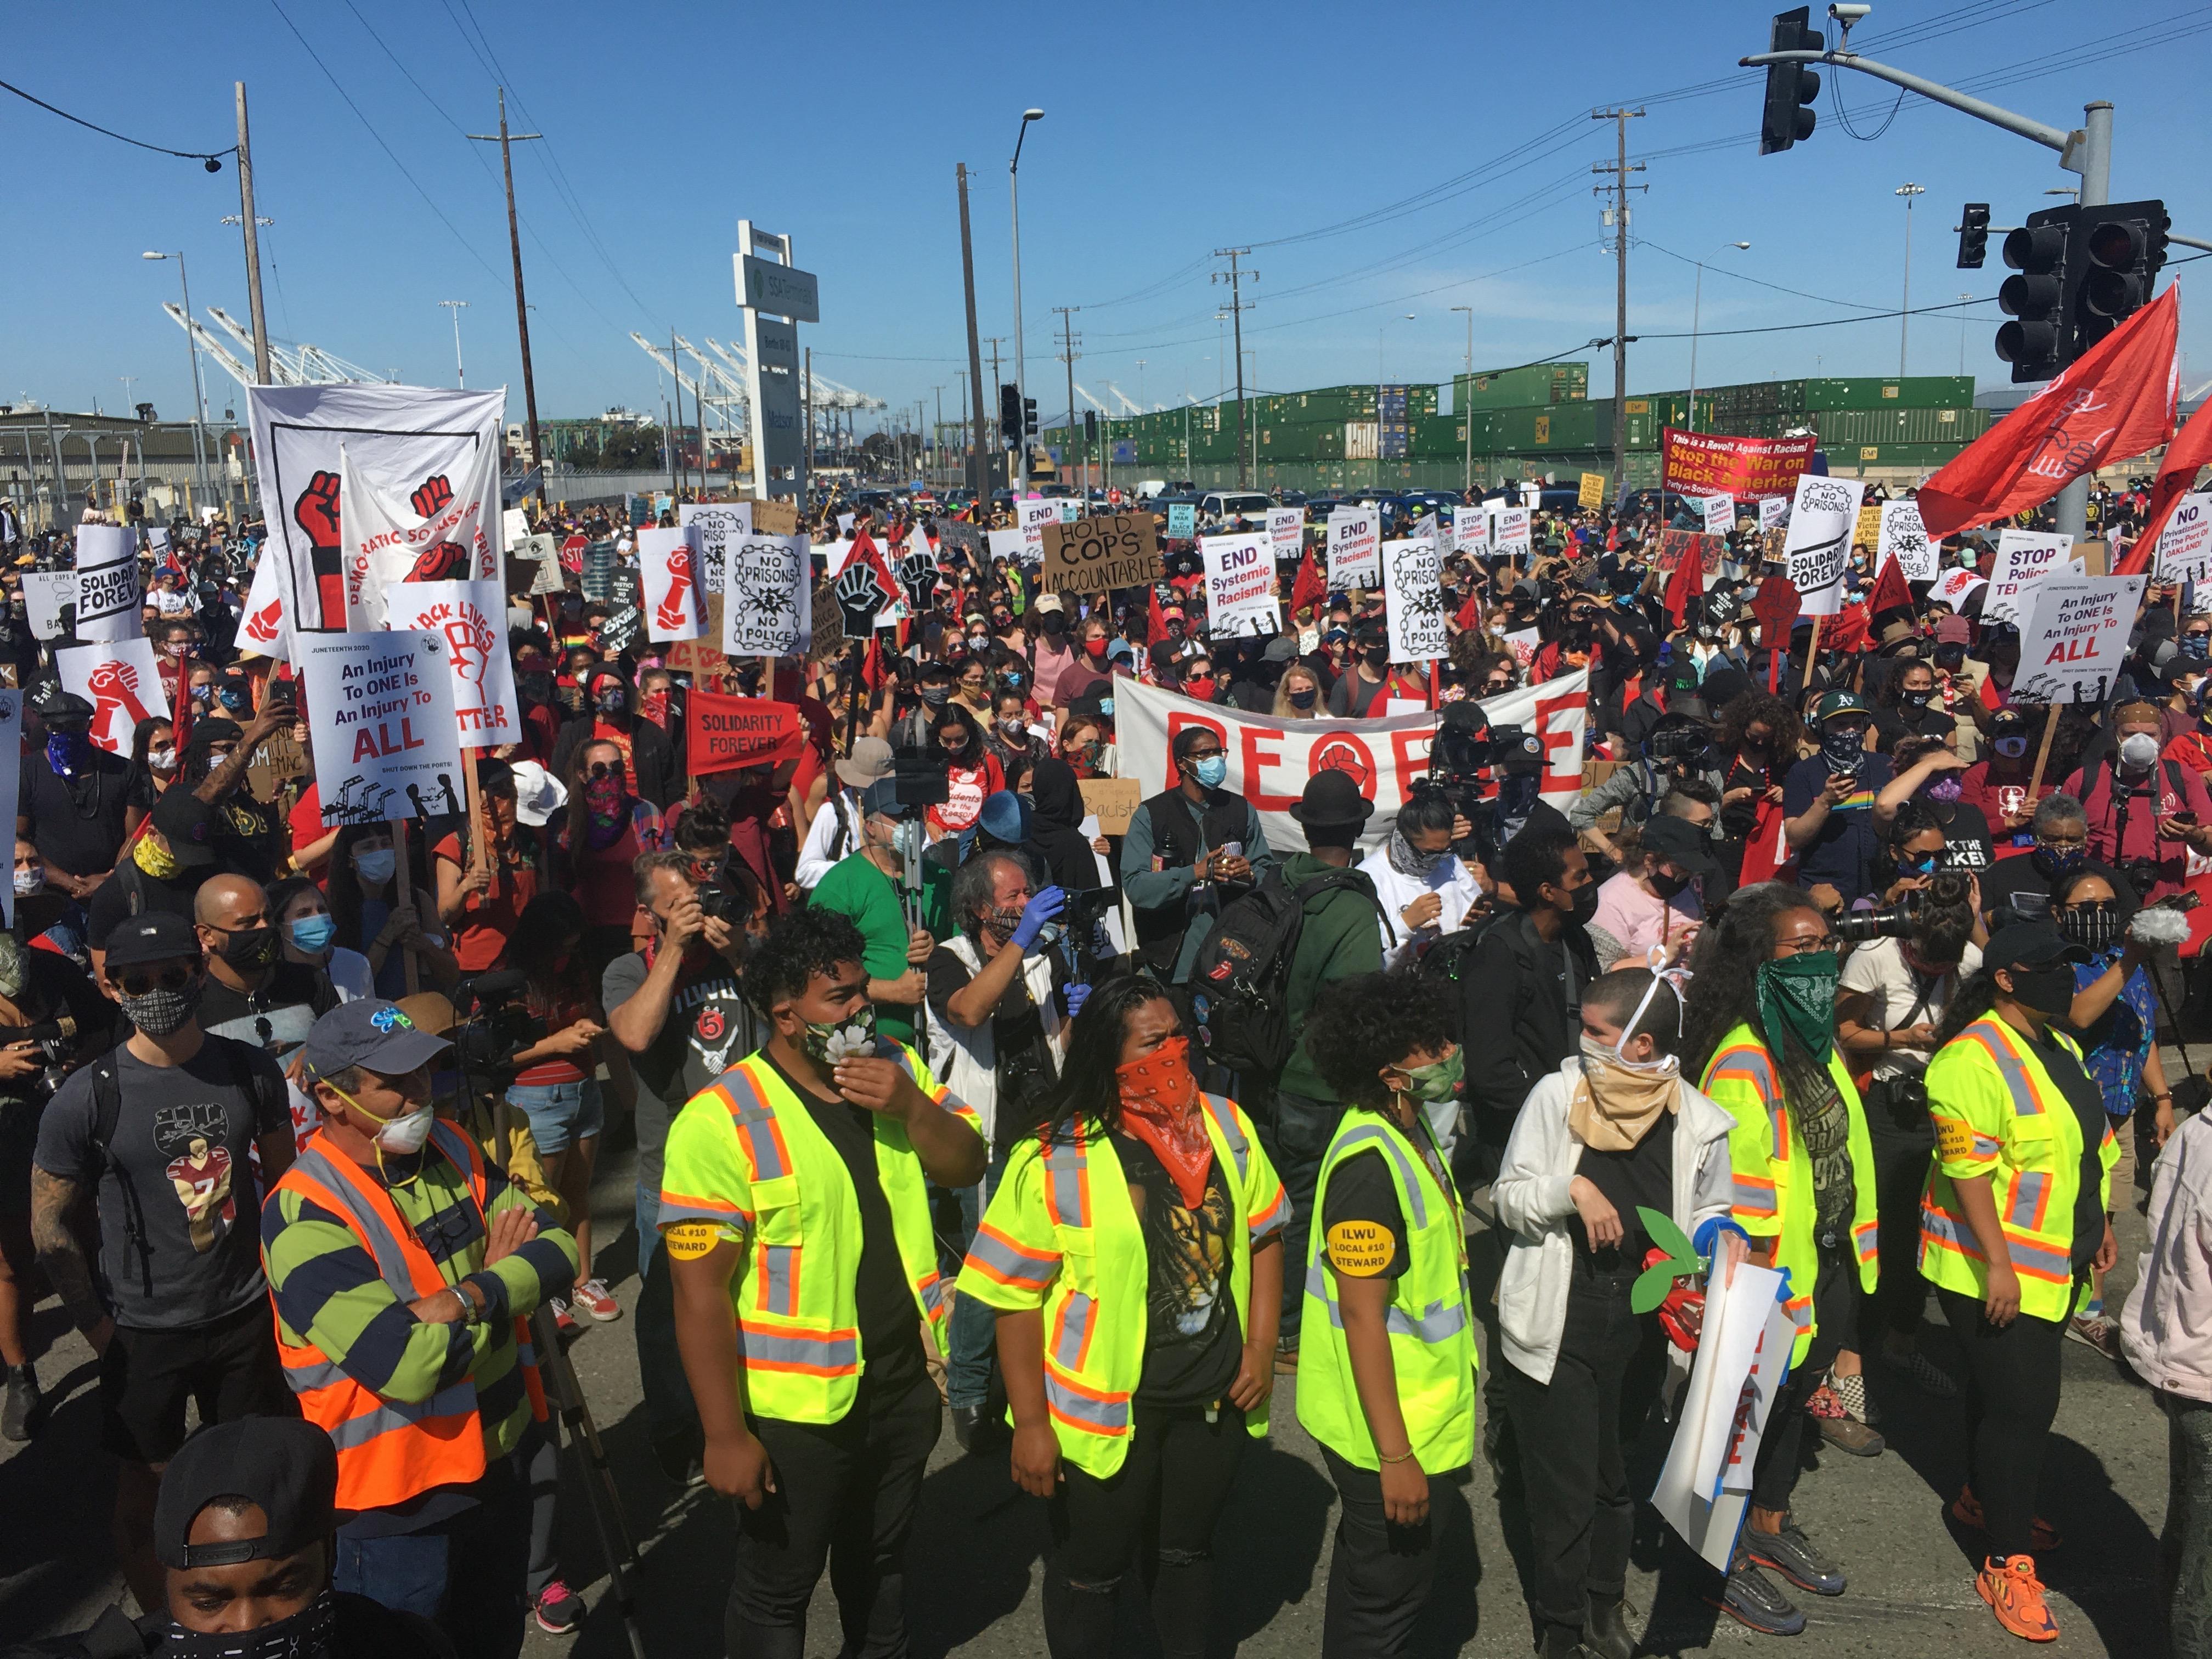 Manifestação em Oakland, Portuários de colete.